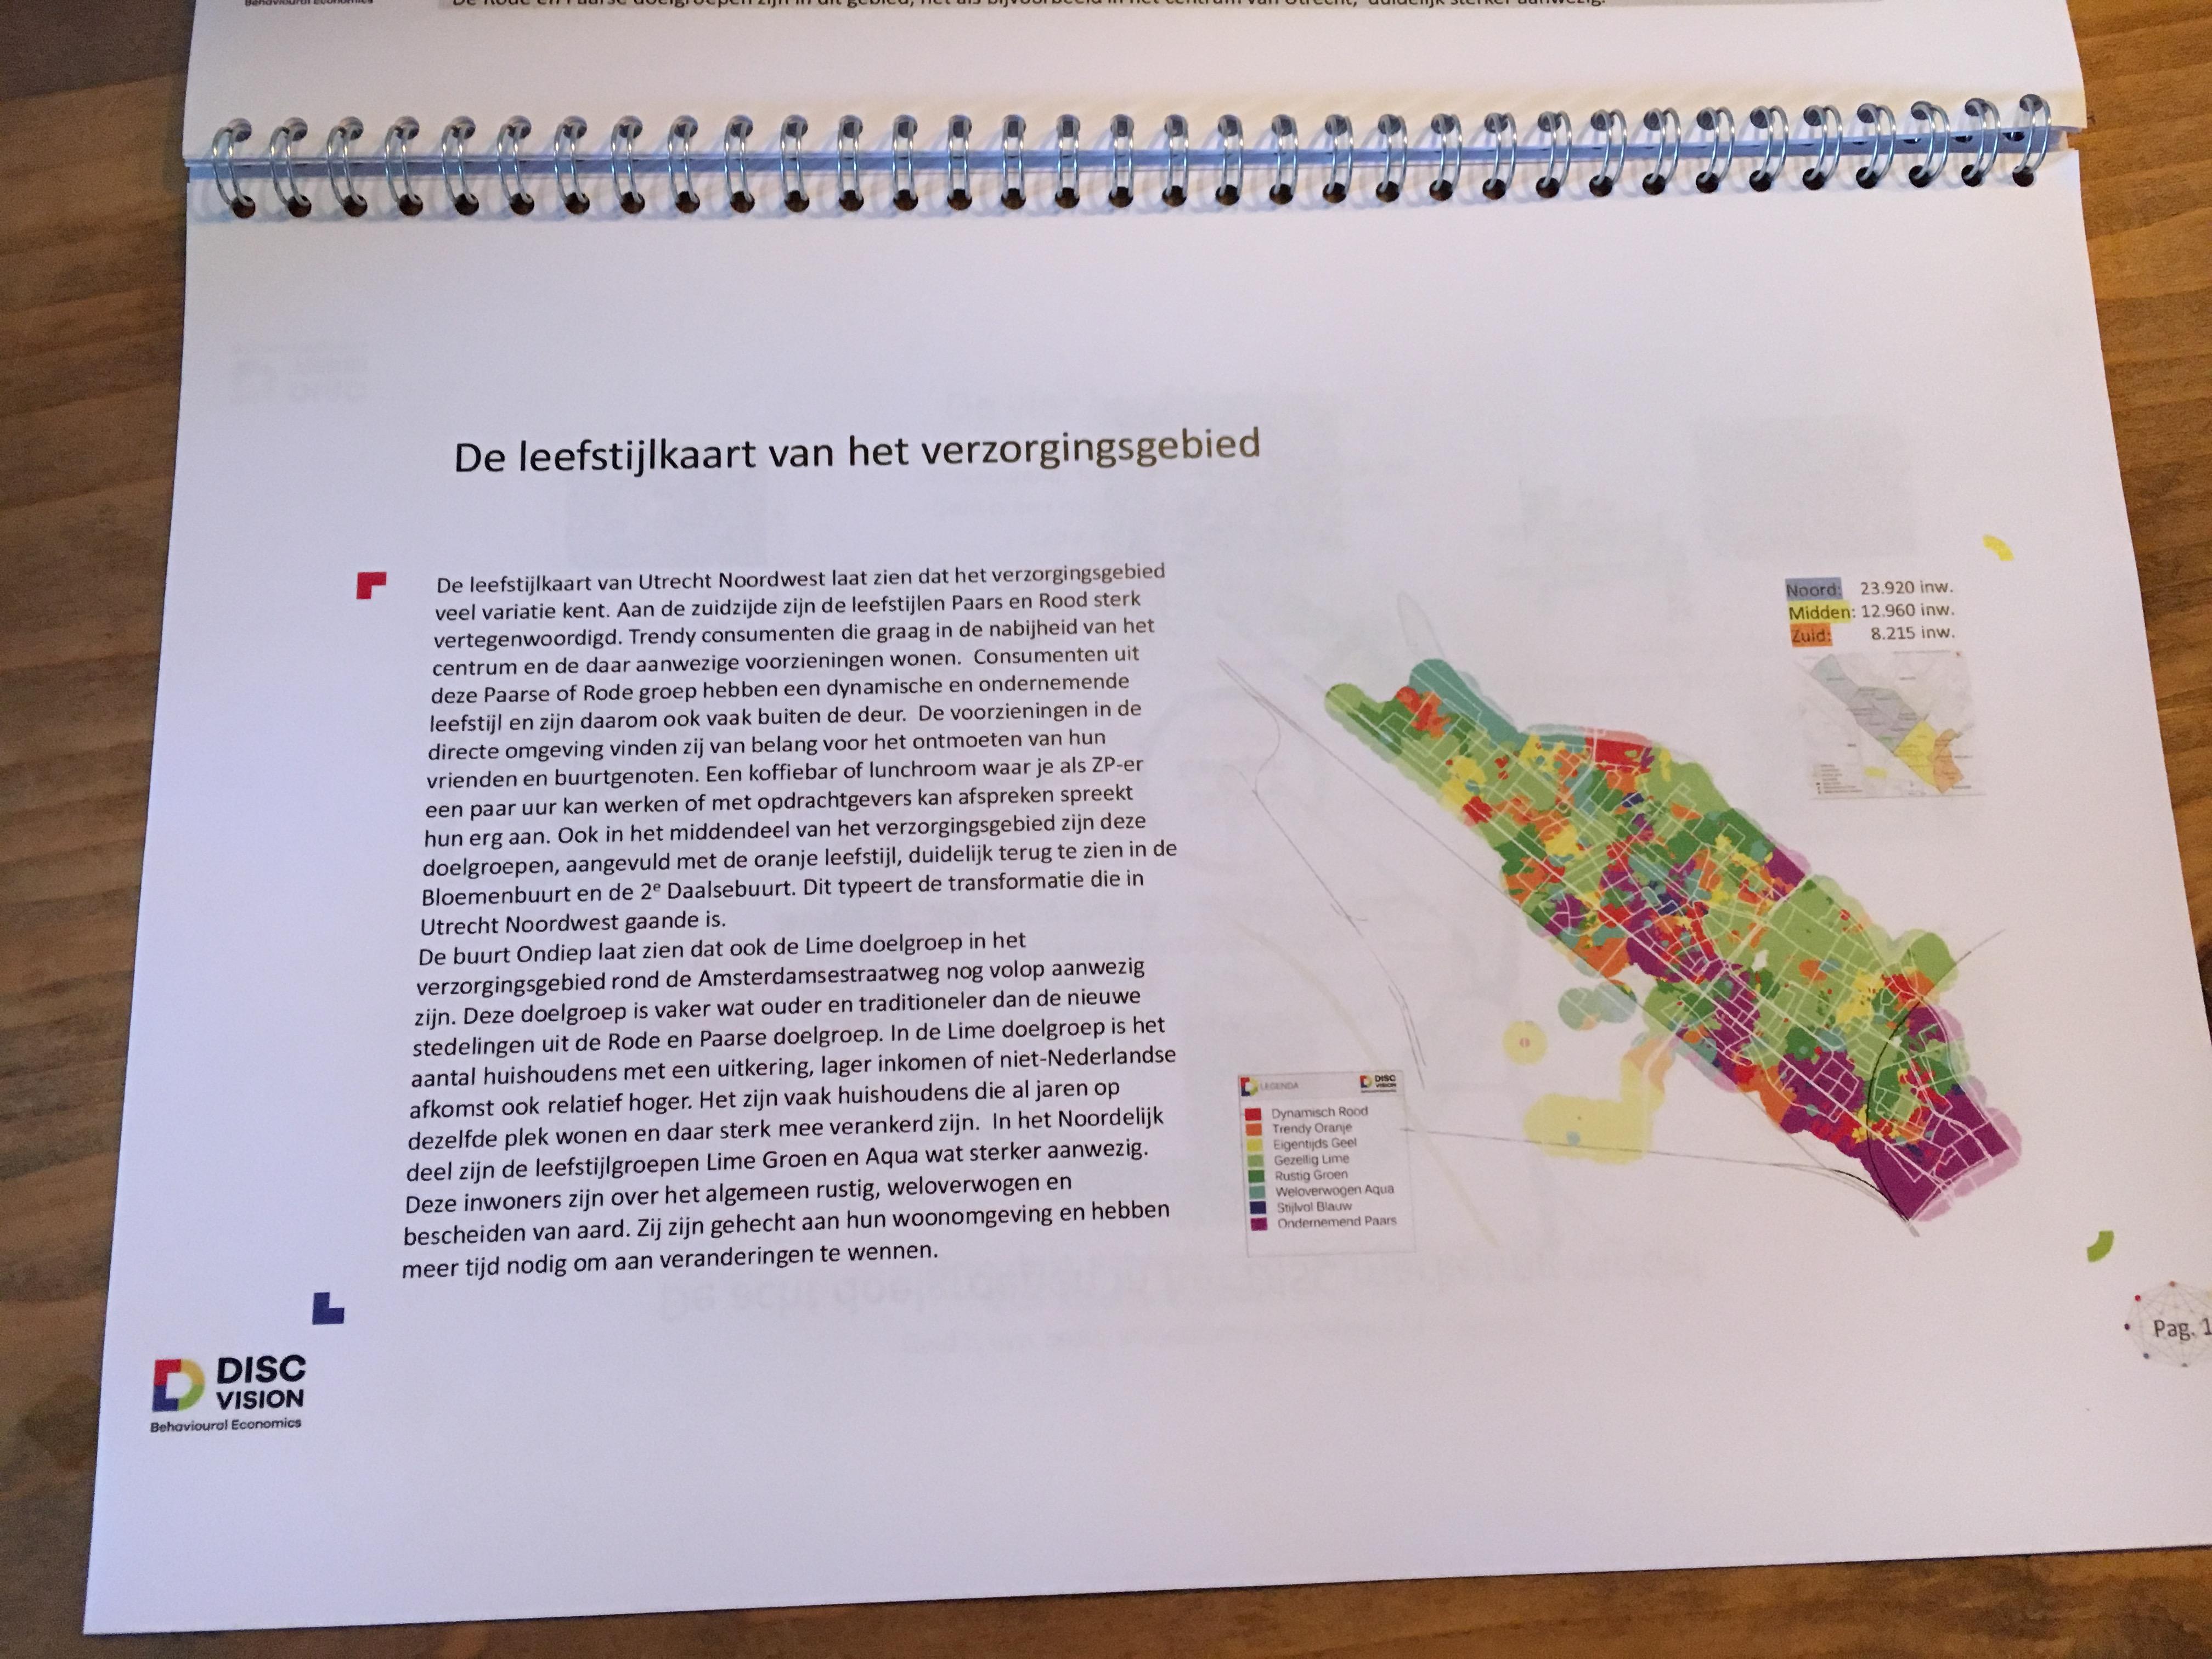 Amsterdamsestraatweg, Toekomst Amsterdamsestraatweg Utrecht, Makelaar in Utrecht, Makelaar in Utrecht